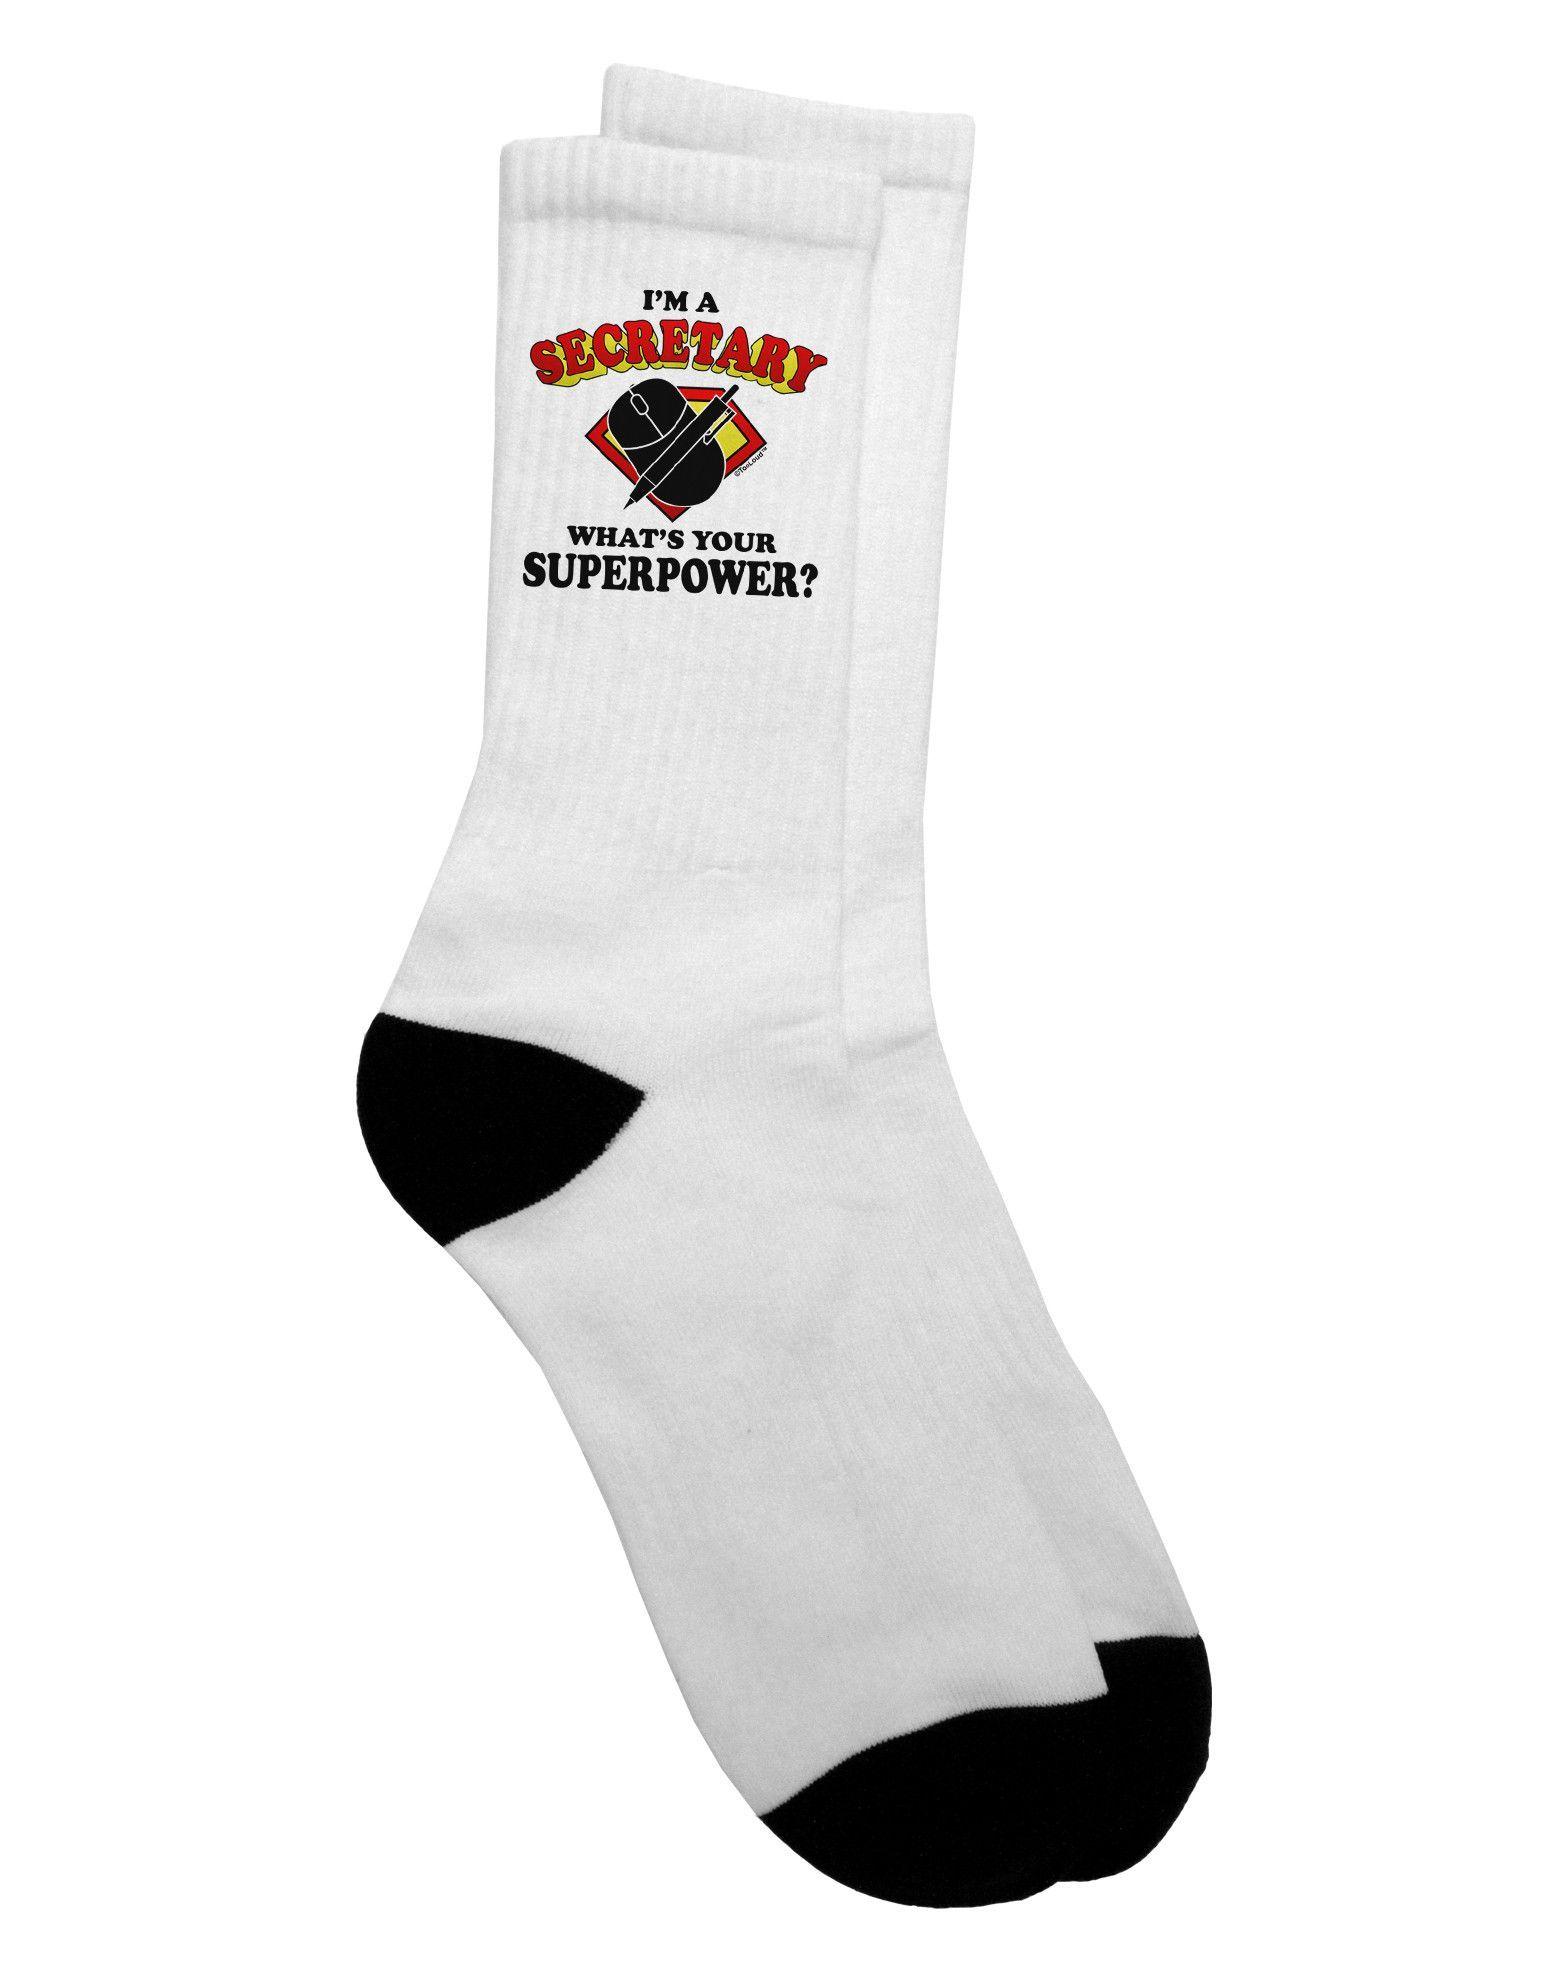 TooLoud Secretary - Superpower Adult Crew Socks